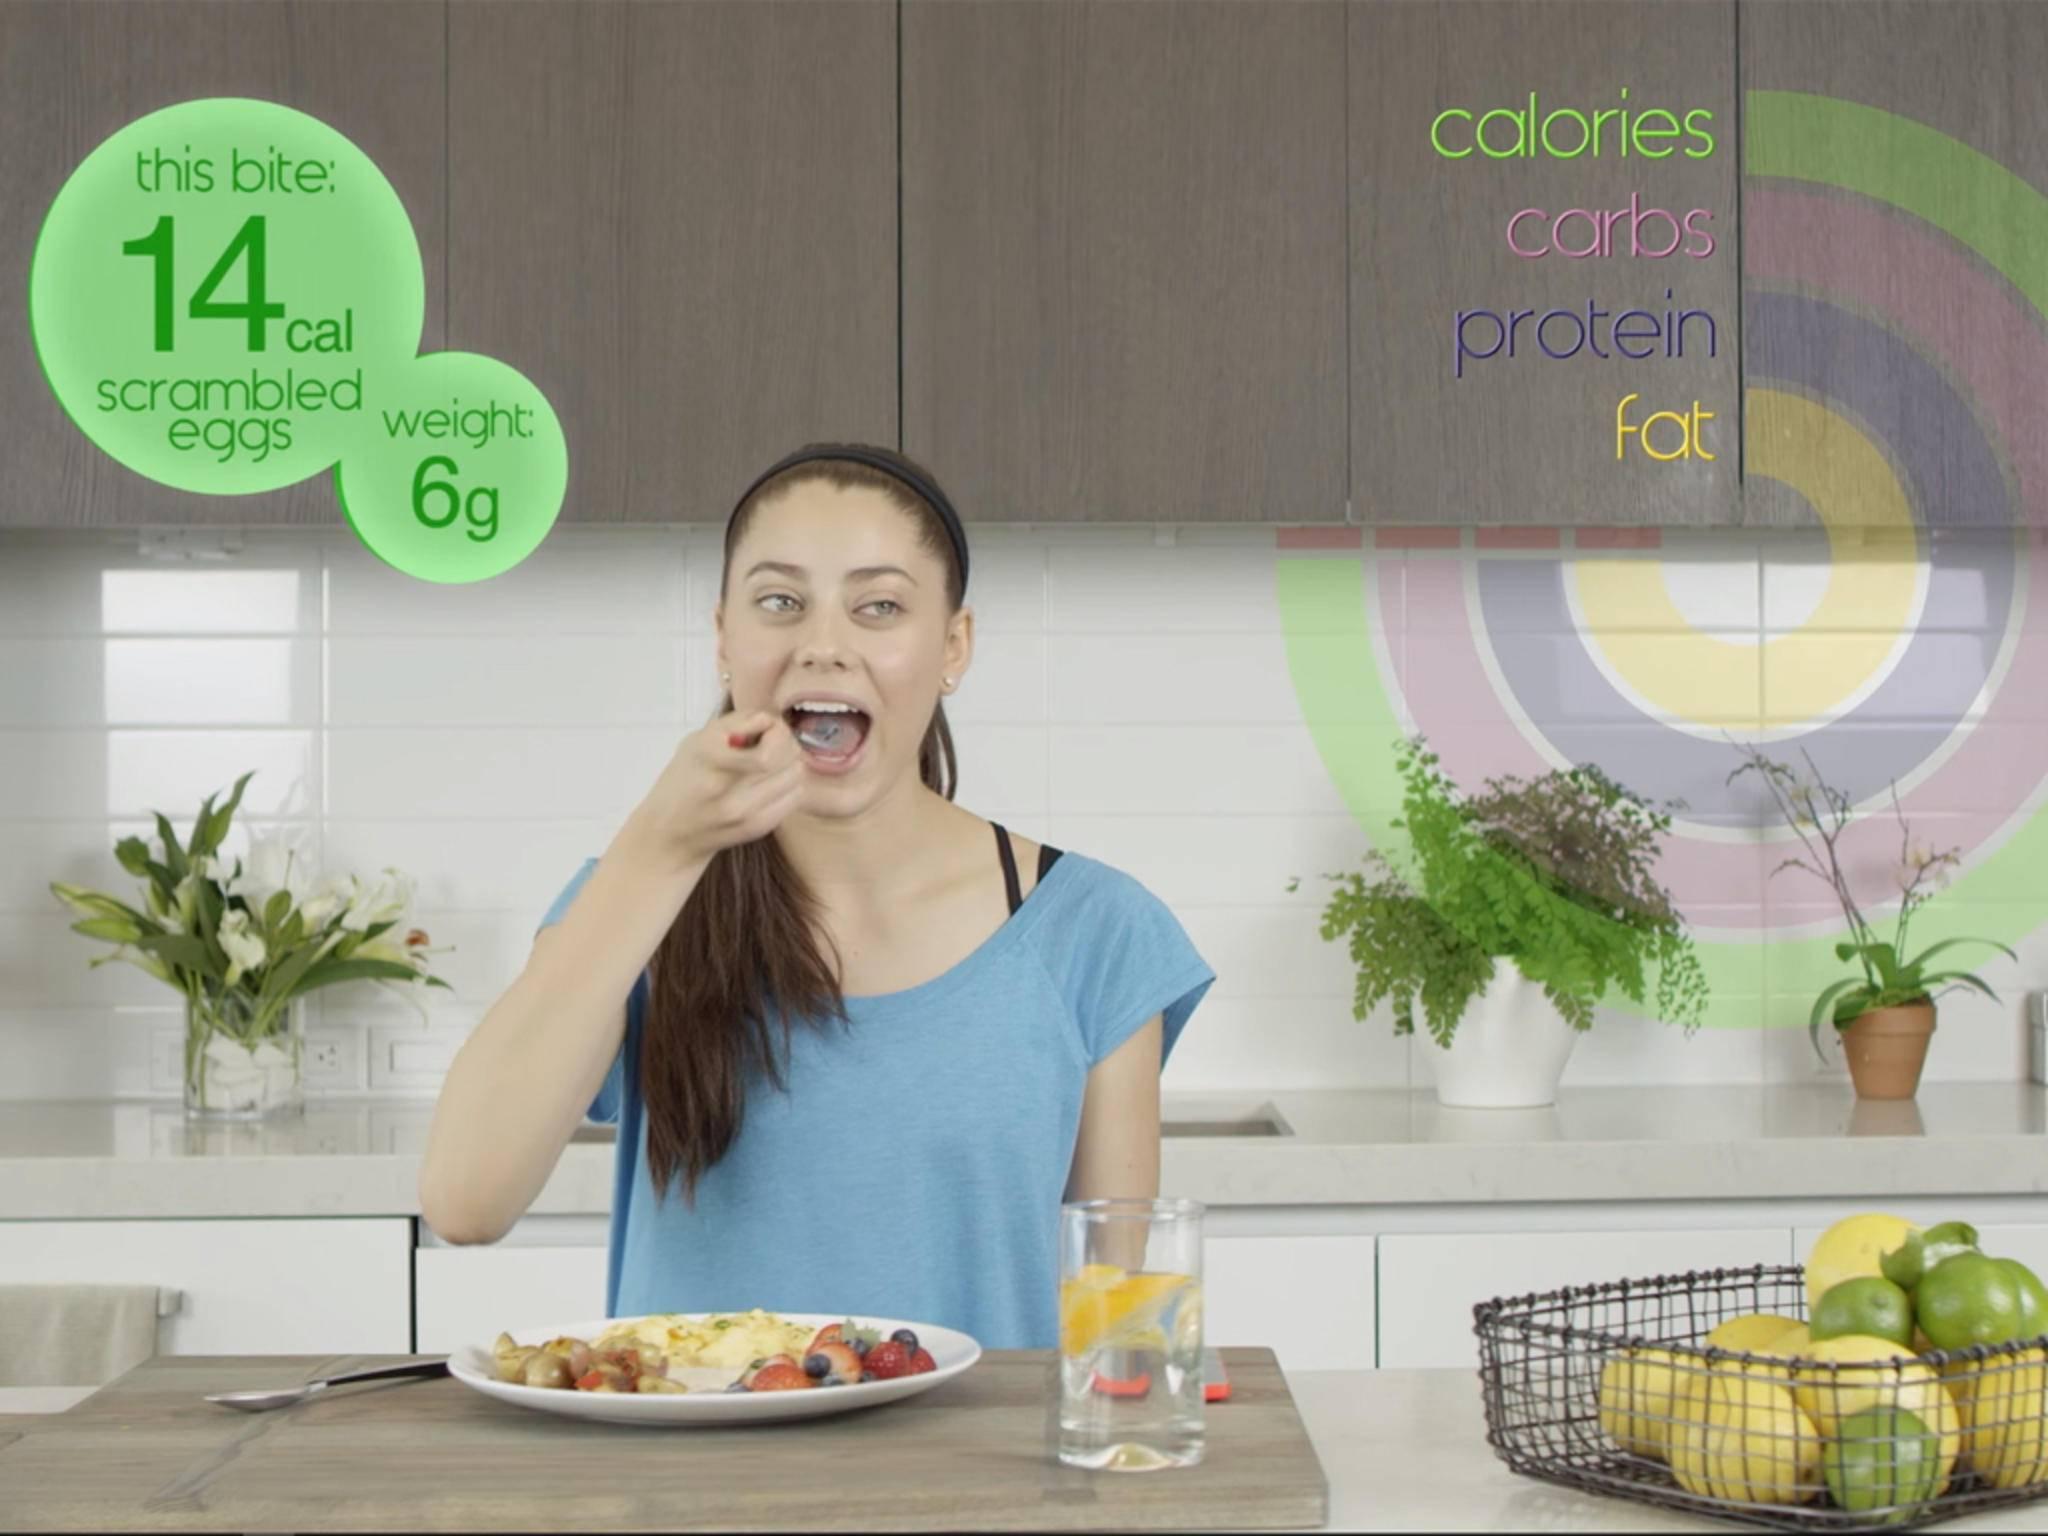 ... und beim Essen werden in Echtzeit die Kalorien gezeigt, und ...